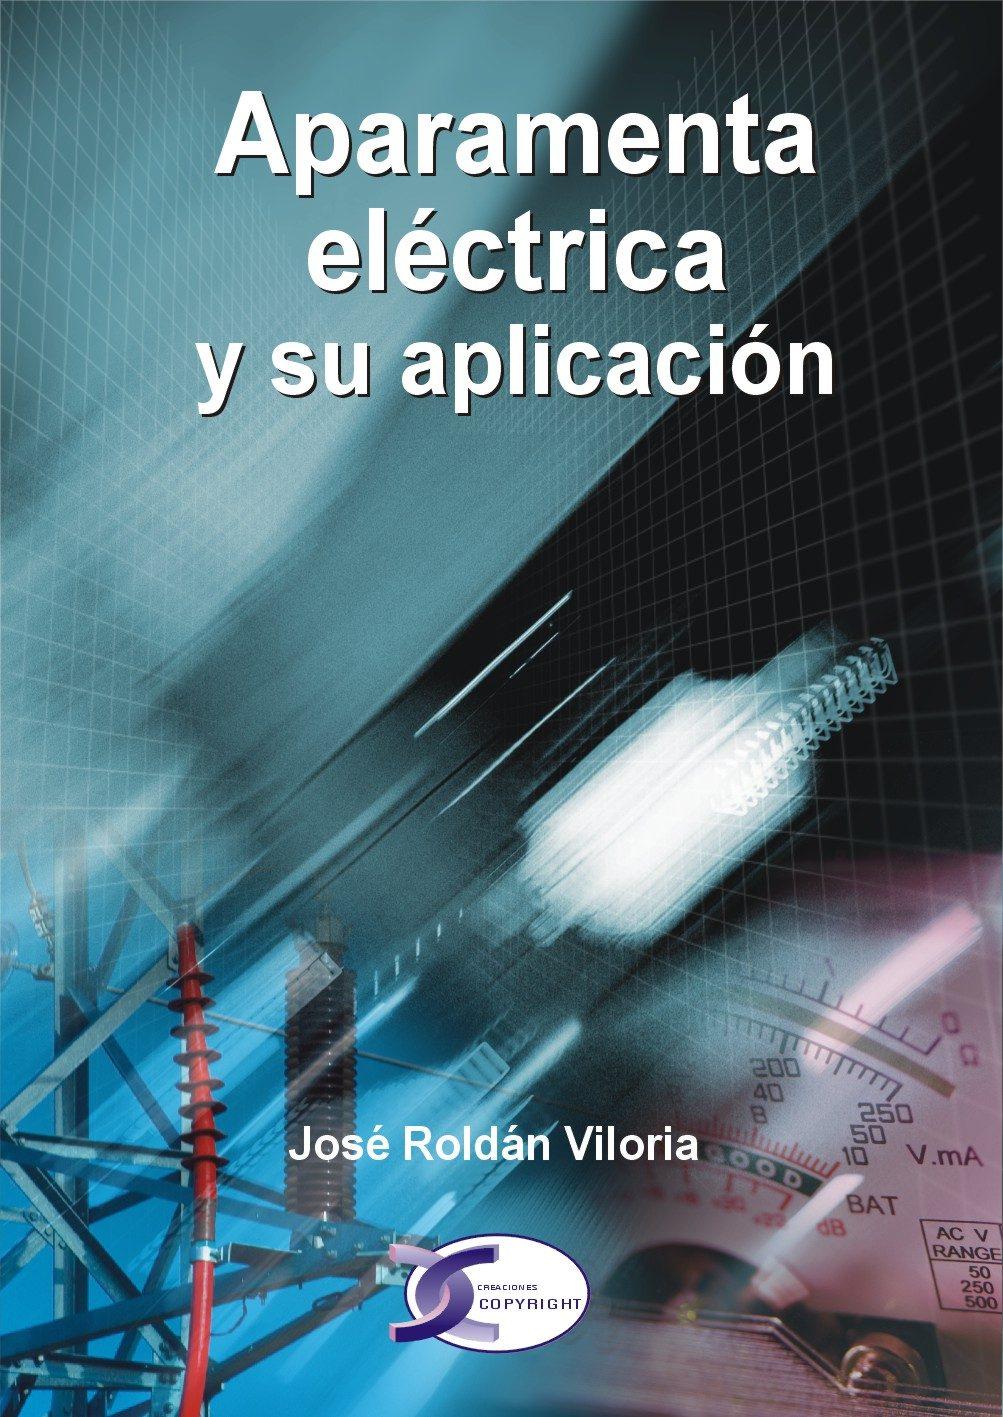 aparamenta electrica y su aplicacion-jose roldan viloria-9788496300170